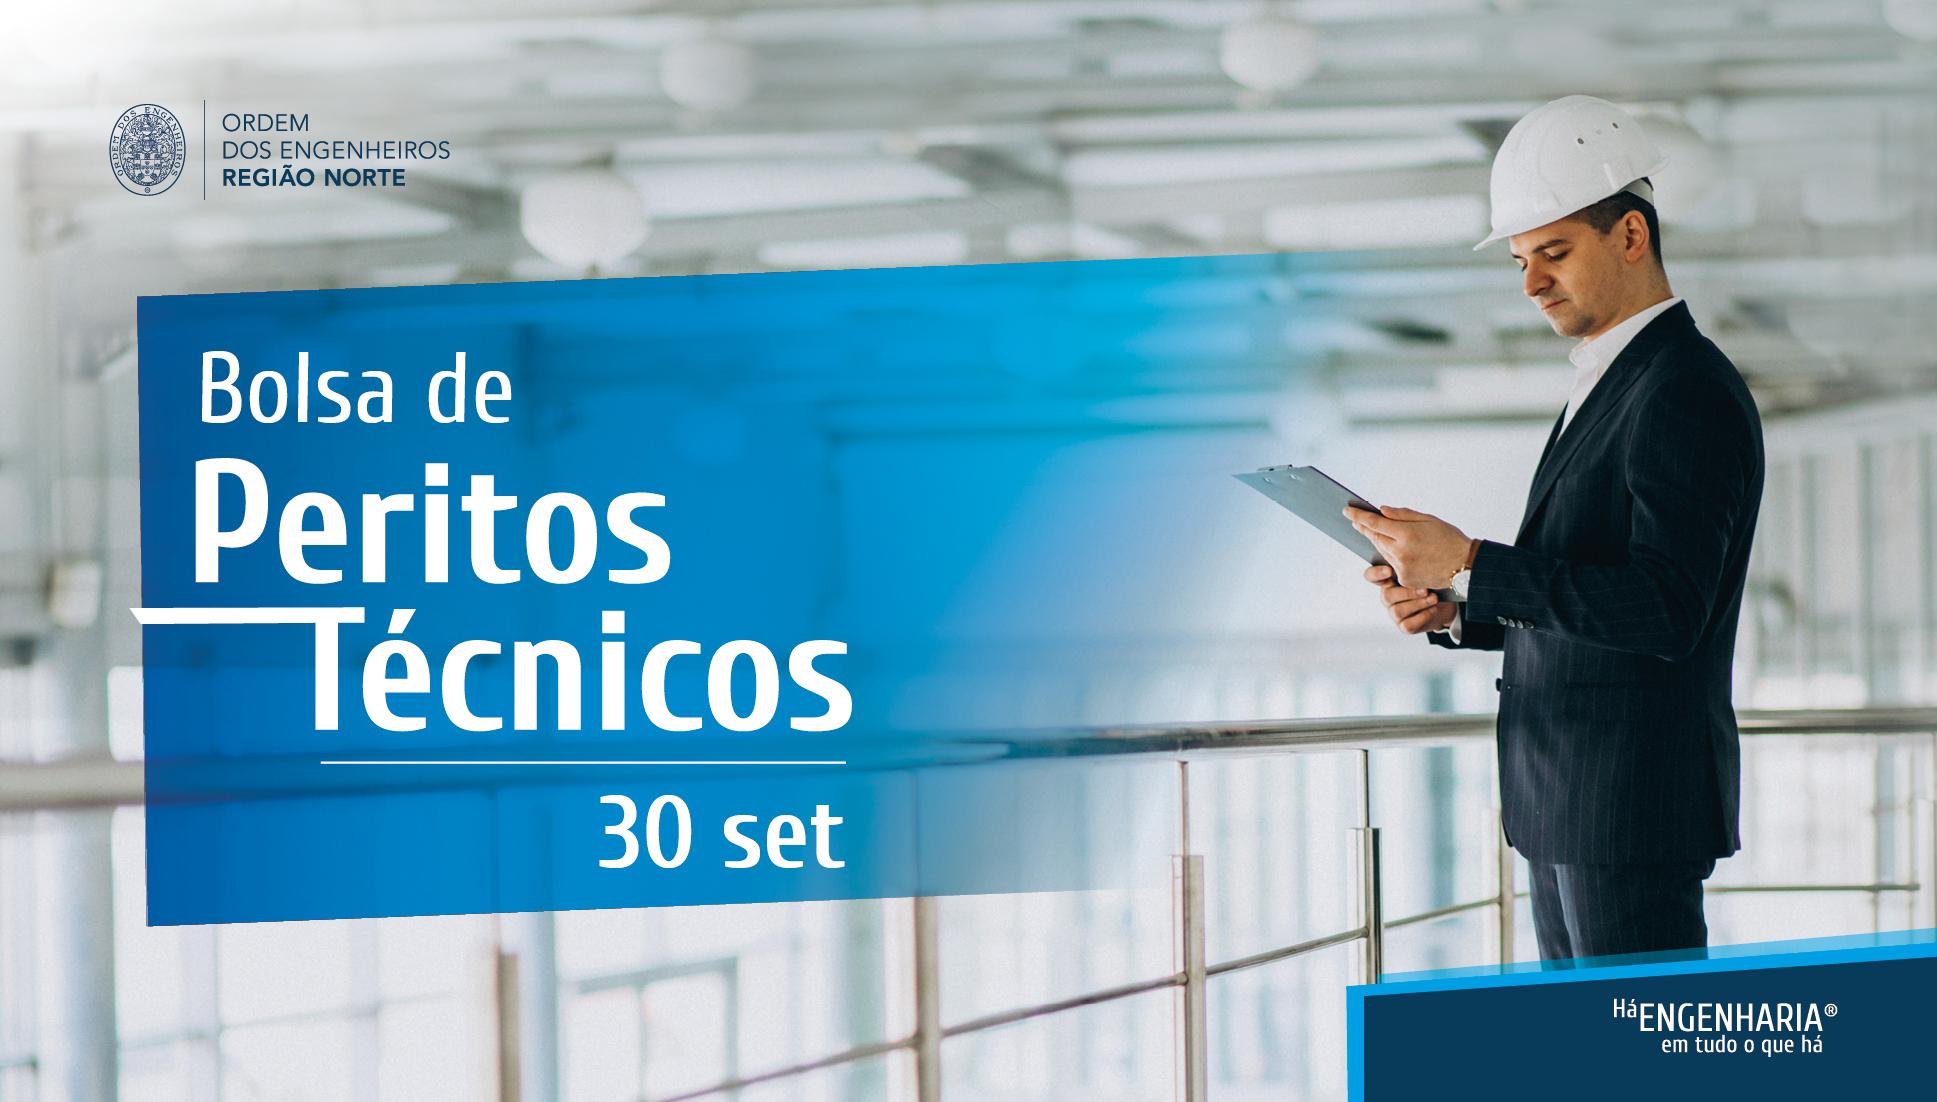 Plataforma Notícias Ordem Engenheiros Região Norte - Há Bolsa de Peritos Técnicos – Candidaturas abertas a partir de 30 de Setembro